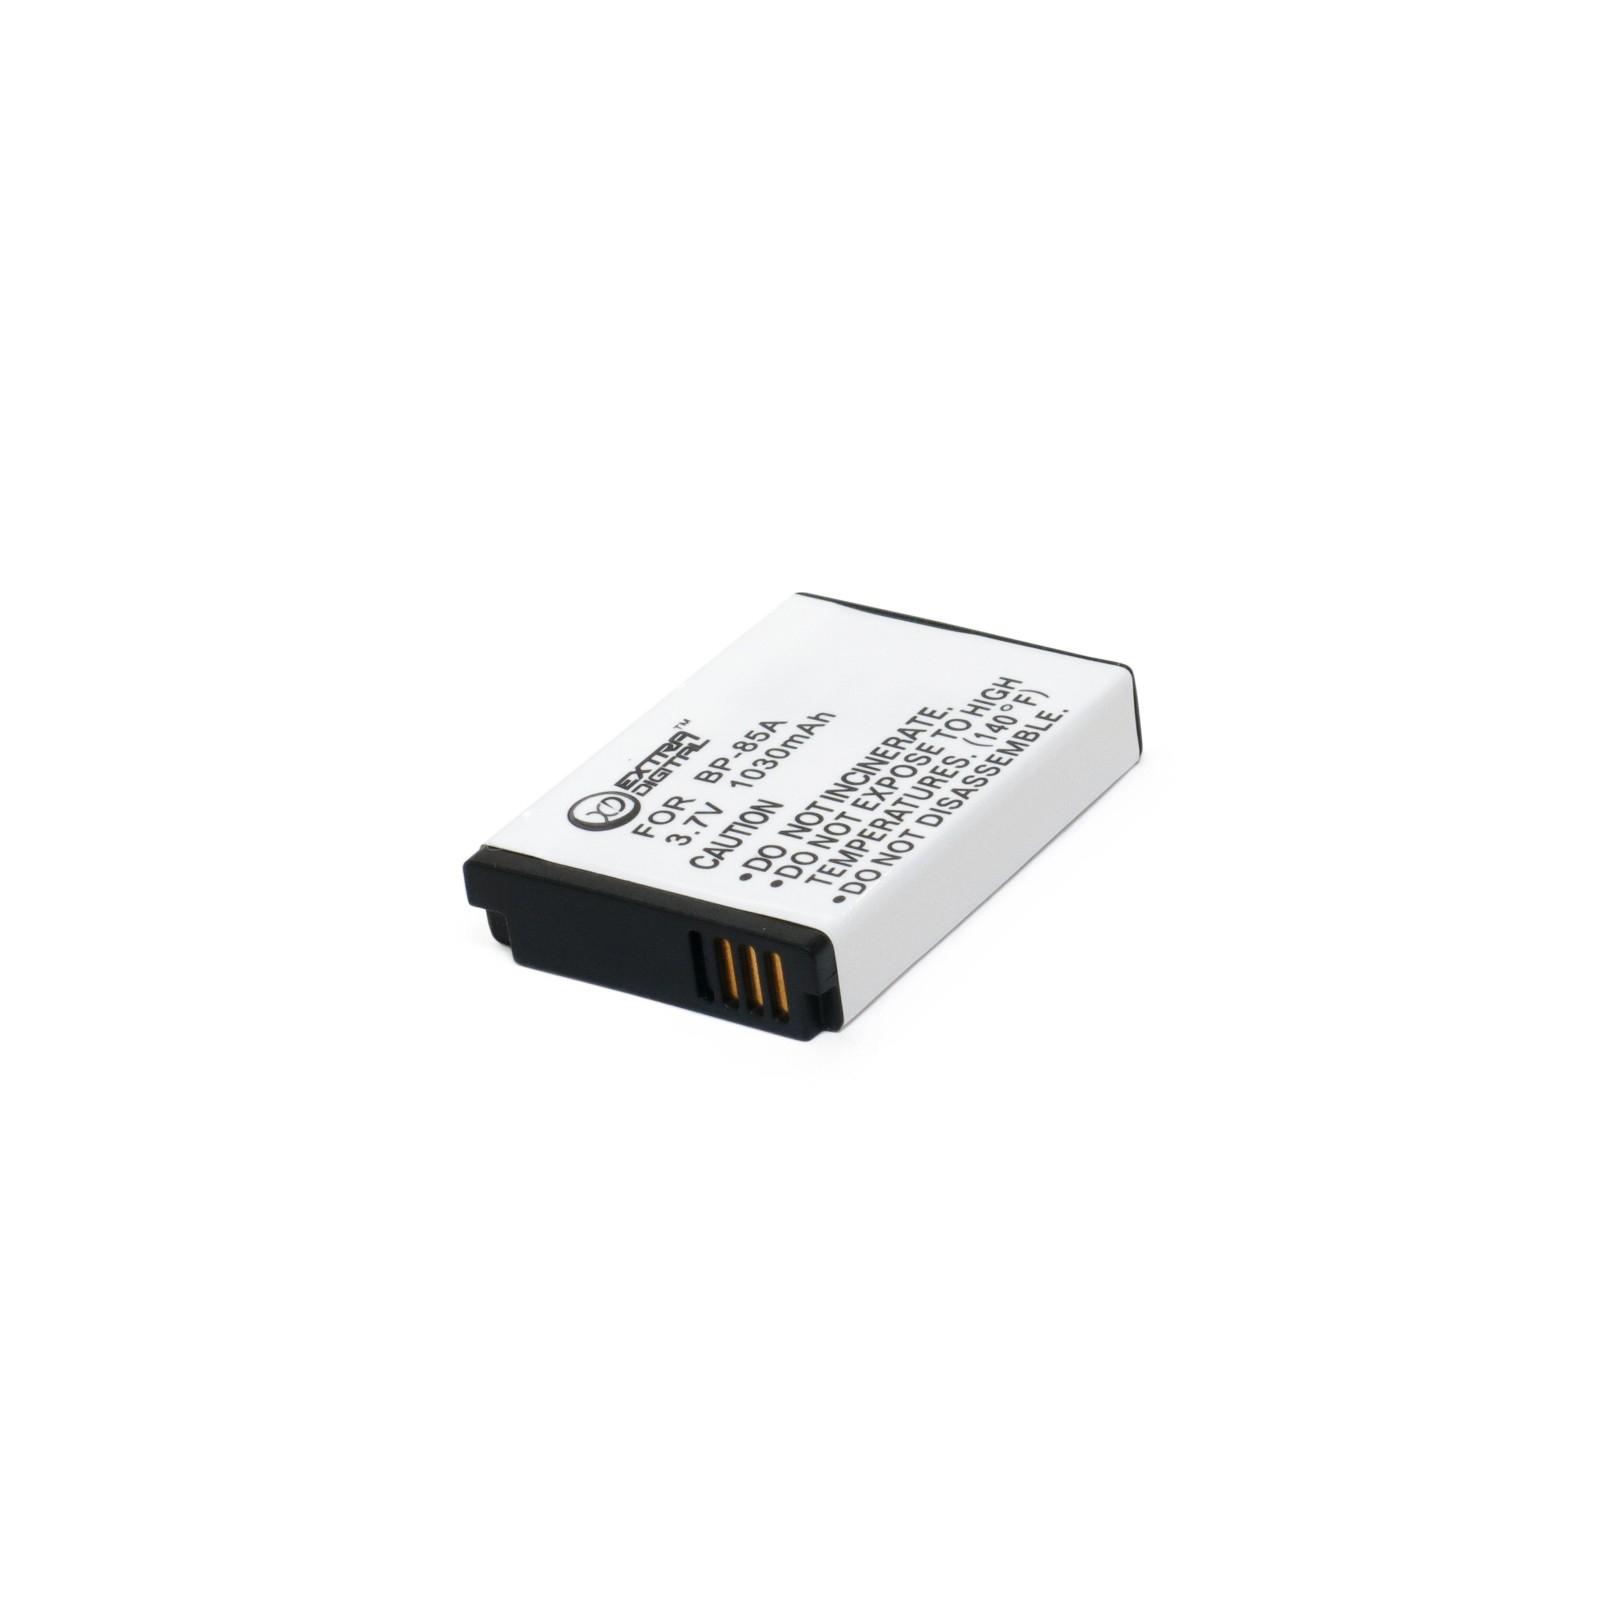 Аккумулятор к фото/видео EXTRADIGITAL Samsung IA-BP85A (DV00DV1360) изображение 3